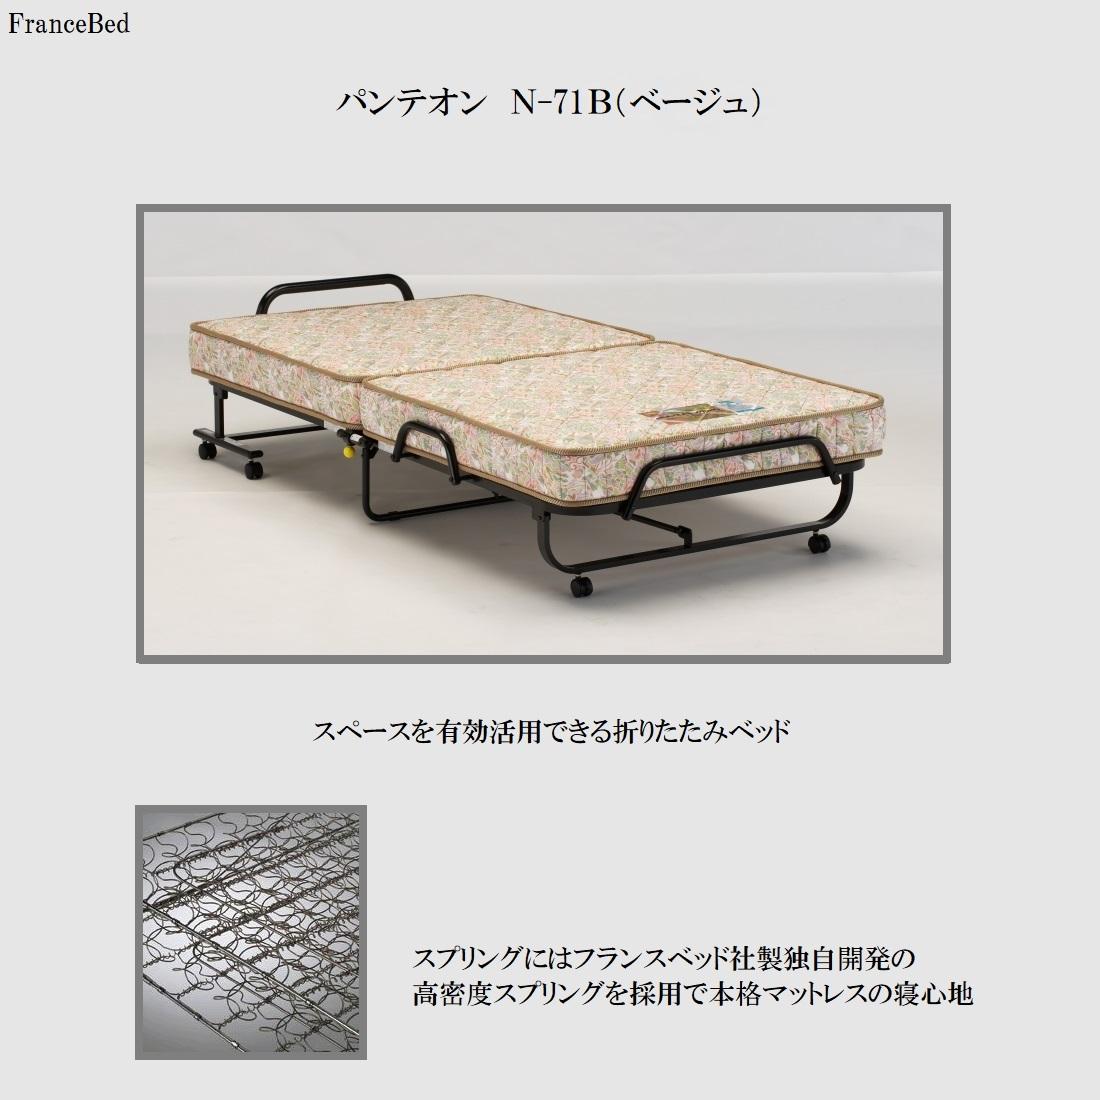 フランスベッド社製 折りたたみベッド パンテオンN71-B(ベージュ)